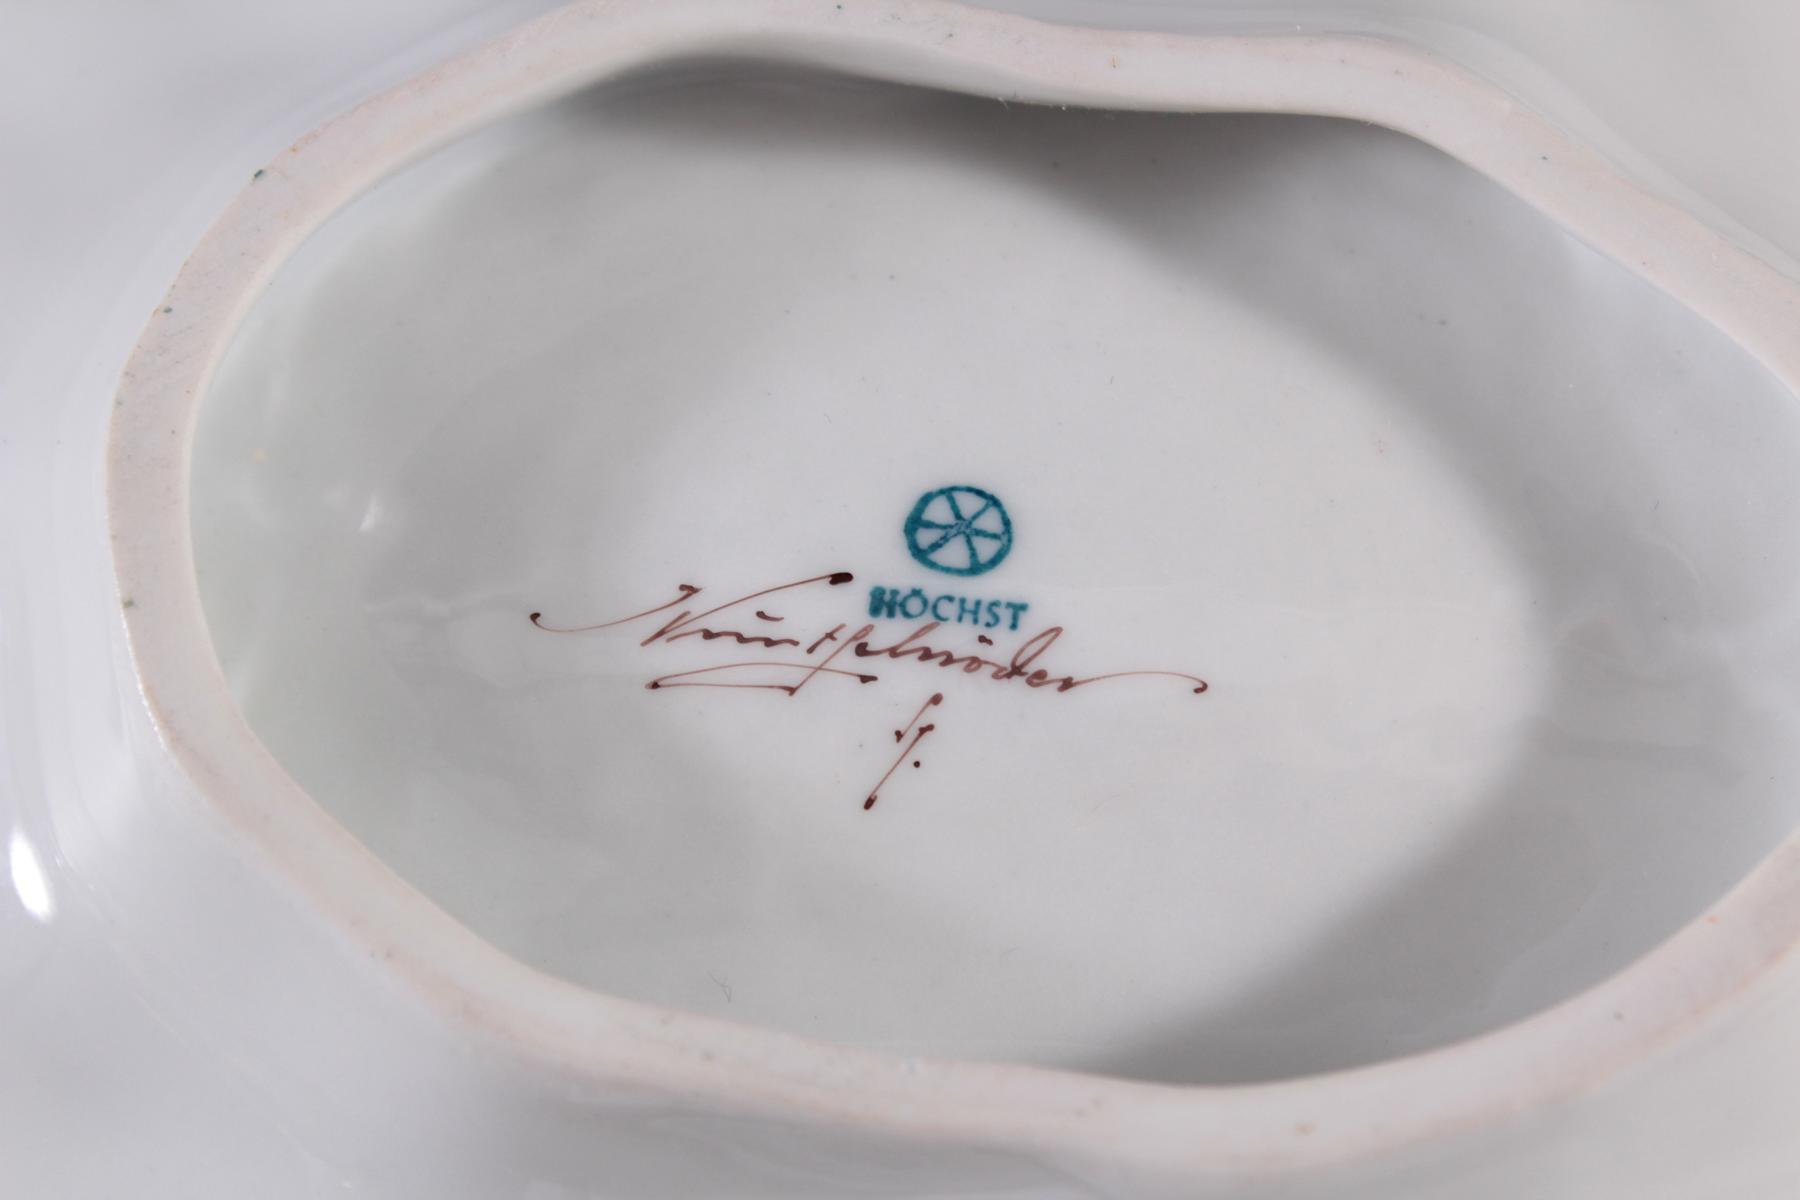 Blattschale Höchster Porzellanmanufaktur, signiert  Kurt Schröder (1927 – 2008).-4